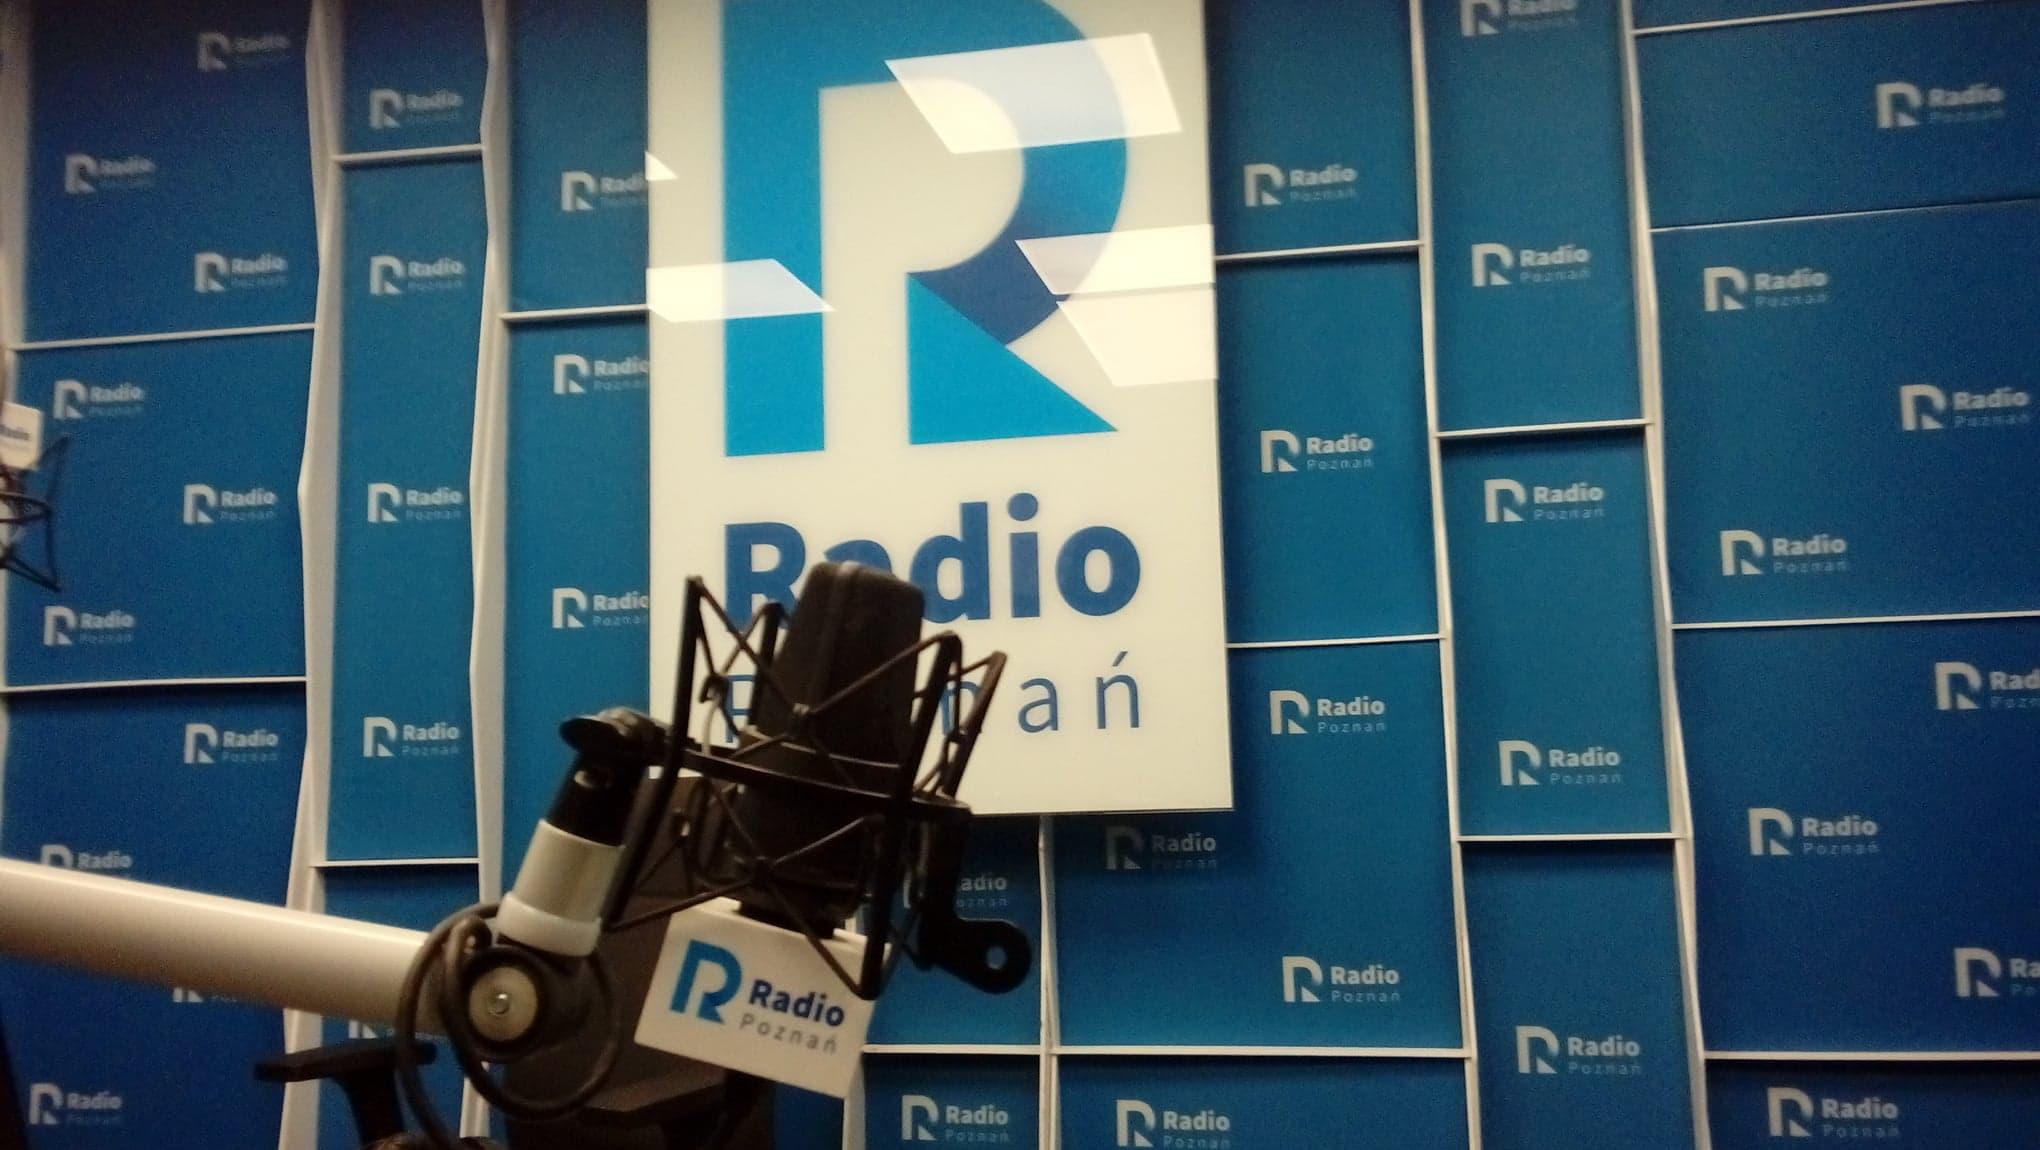 mikrofon studio radio poznań - Gracjan Jaworski - Radio Poznań